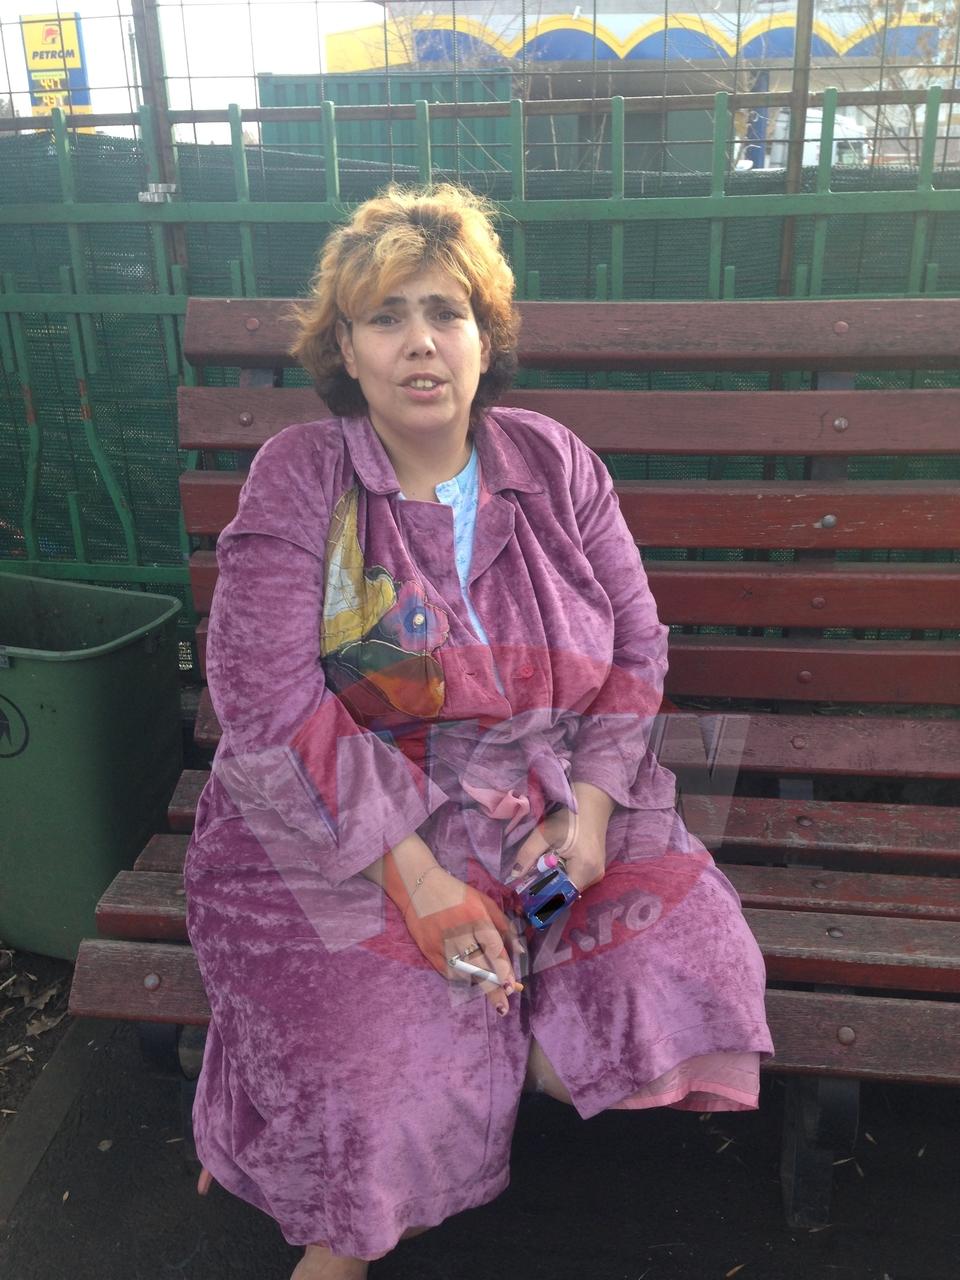 """VIDEO EXCLUSIV! Ioana Tufaru traieste un cosmar! Plange in curtea spitalului unde e internat bebelusul ei! """"Medicii i-au gasit un inceput de pneumonie! Nu am vrut sa-i las sa-mi intepe baiatul in cap!"""""""